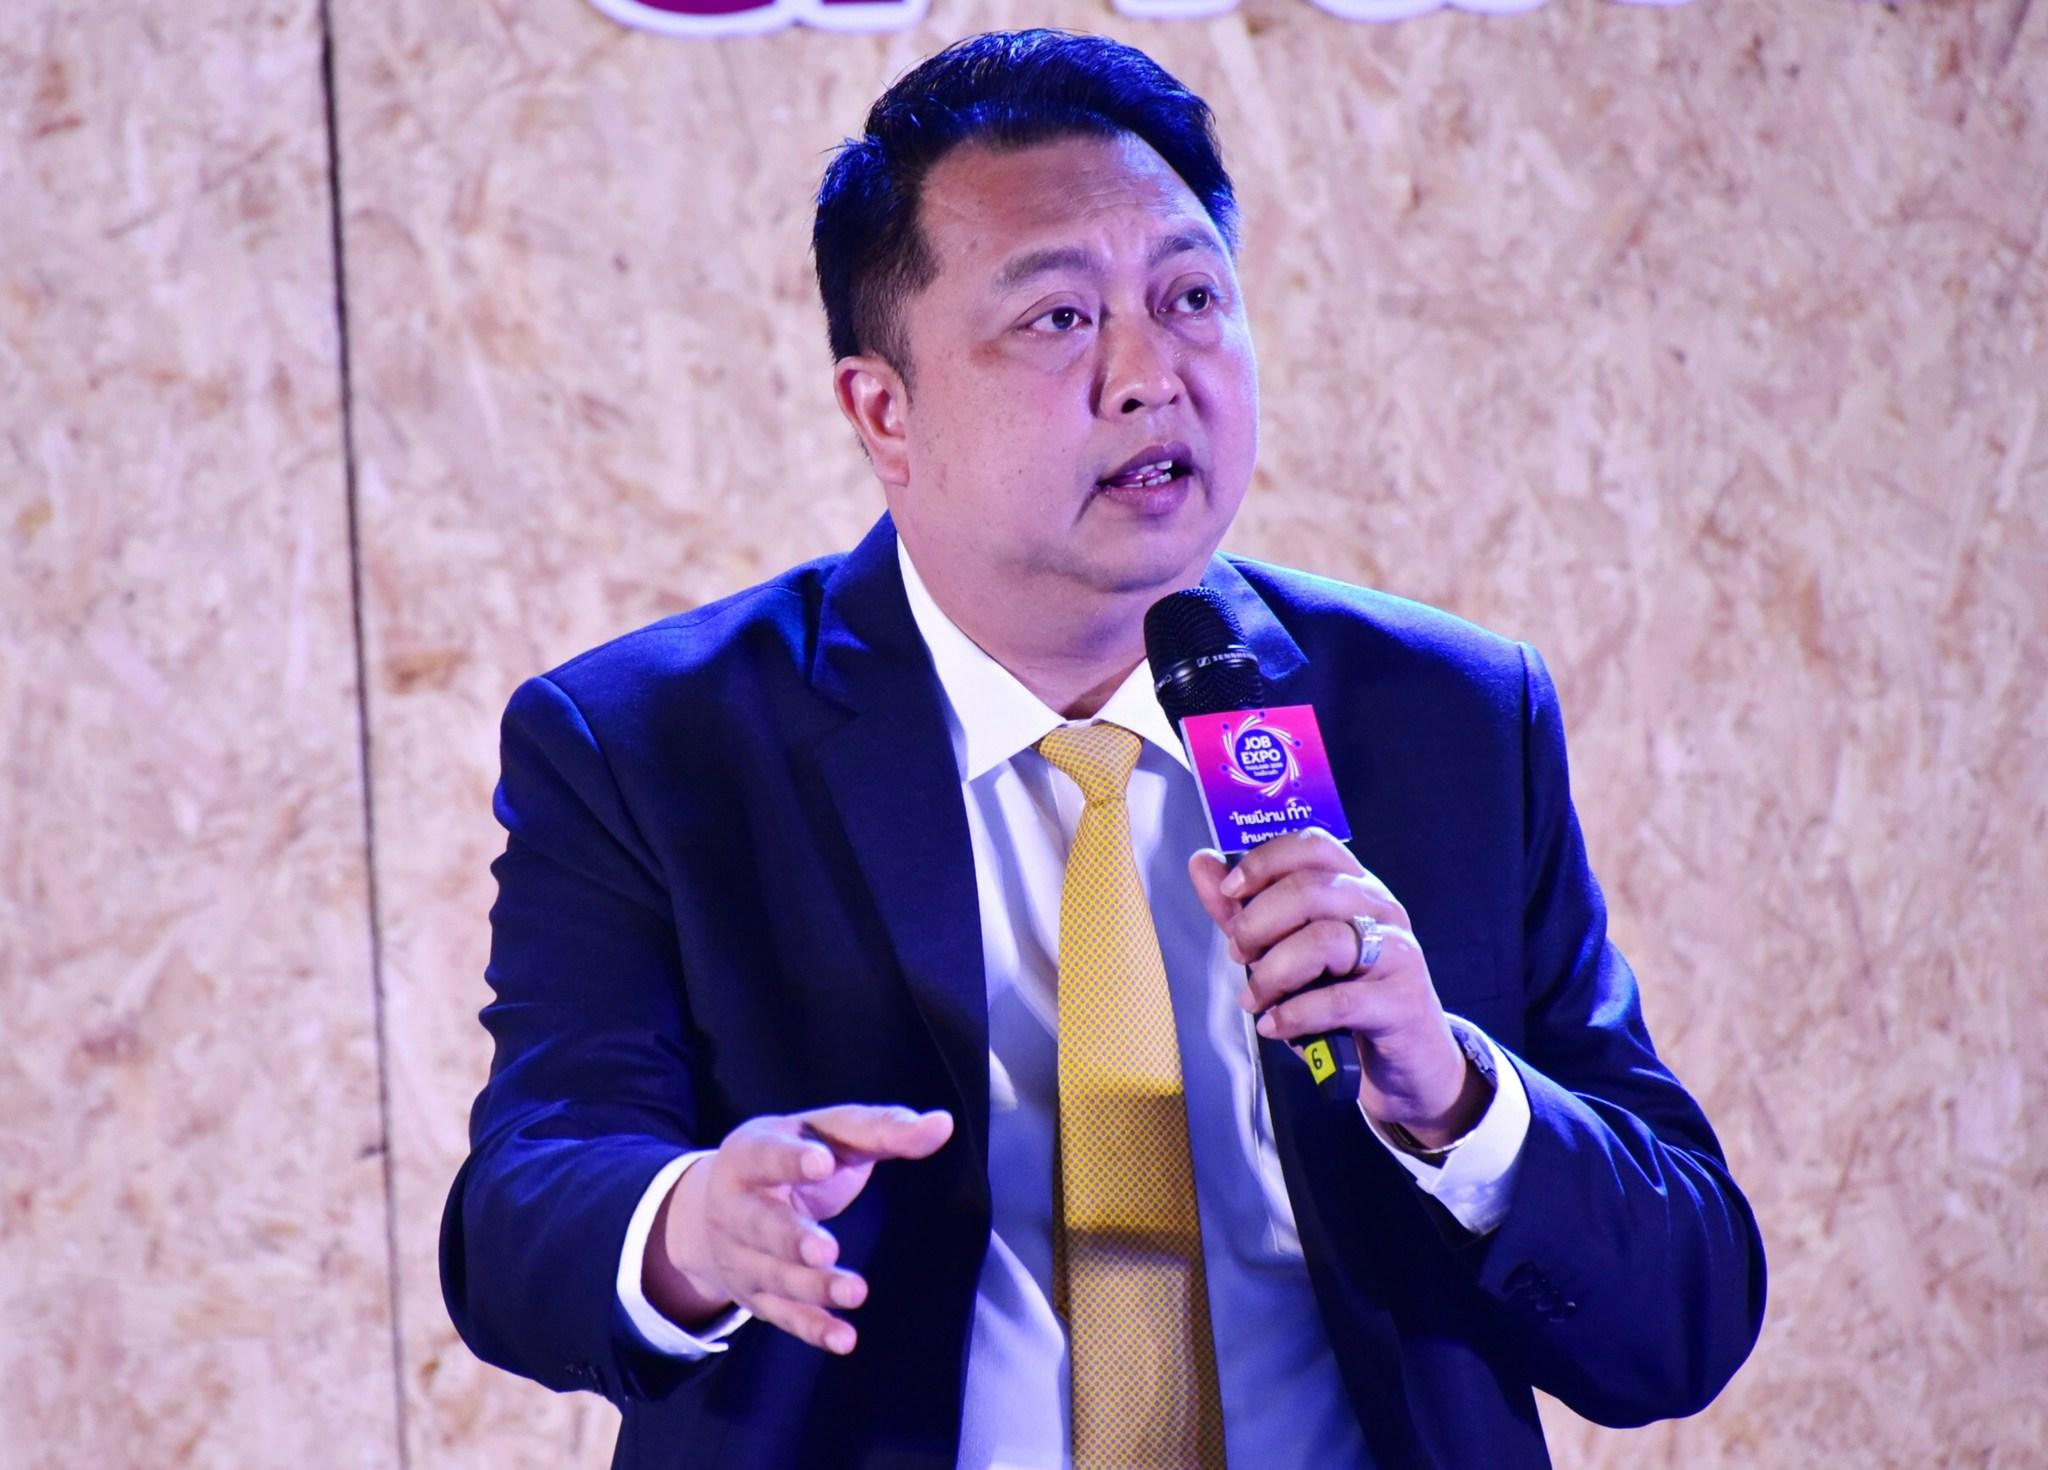 """กระทรวงแรงงานแถลงข่าว จัดงาน """"Job Expo Thailand 2020 มหกรรมการจัดหางานครั้งยิ่งใหญ่ งานทั่วประเทศฯ"""